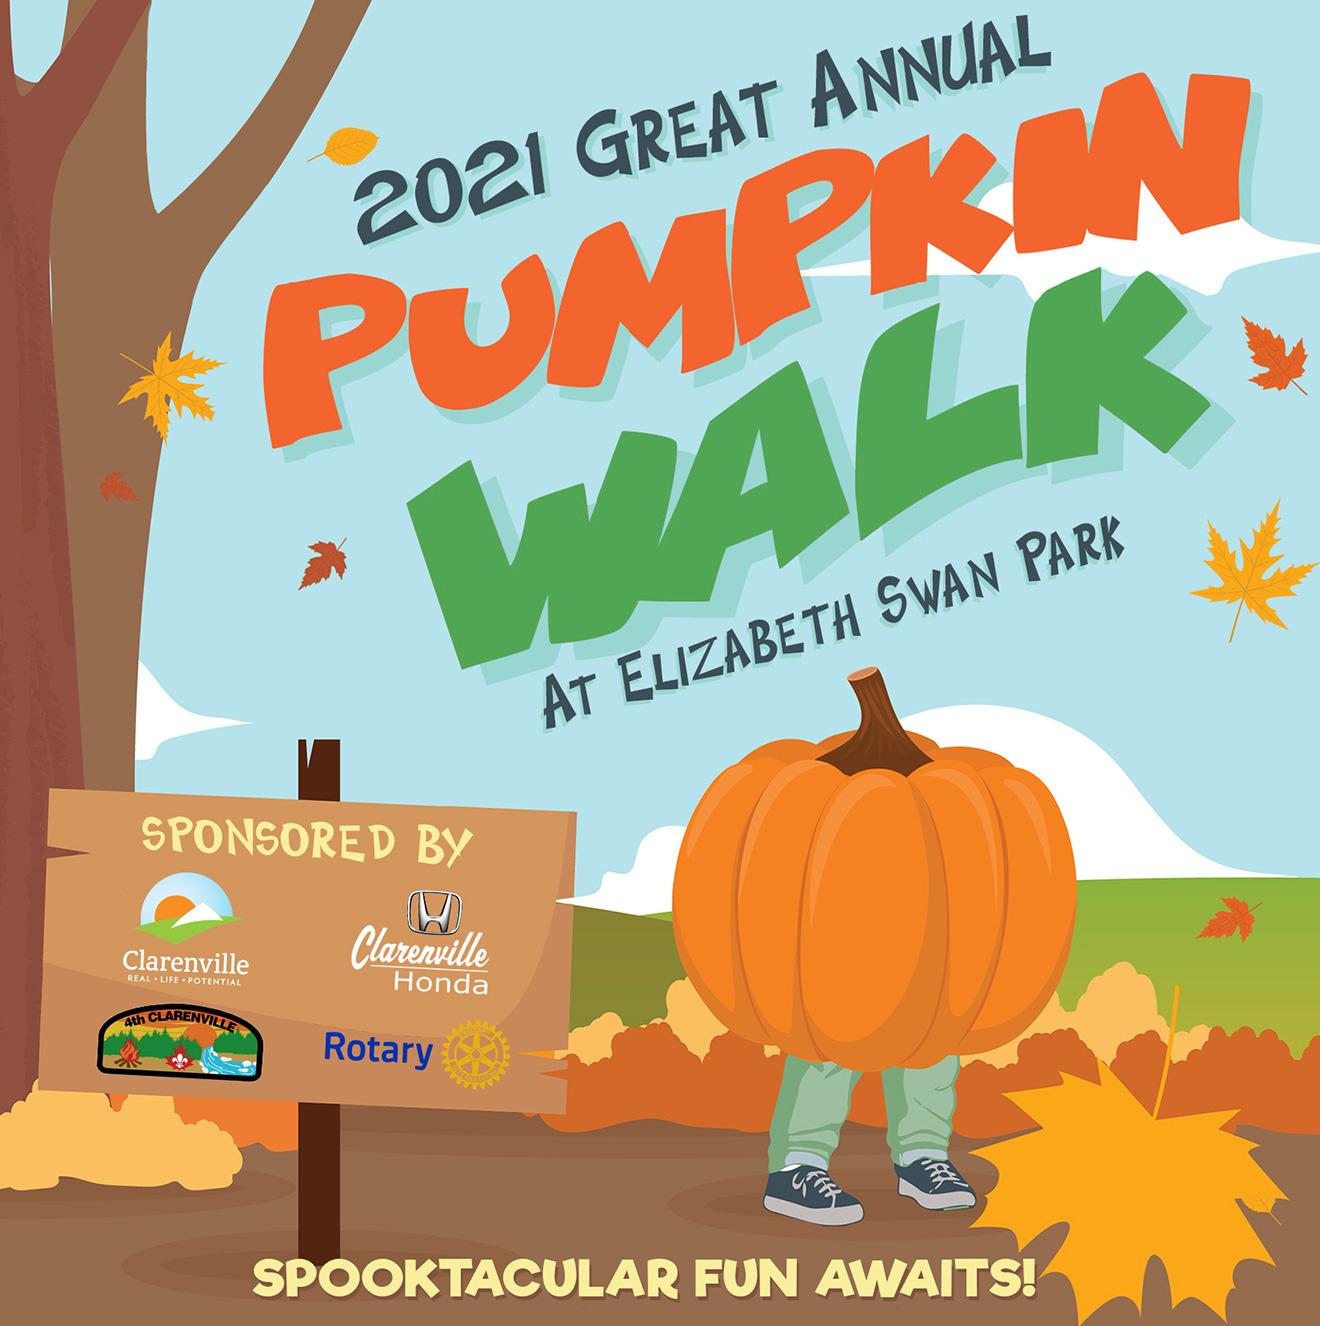 2021 Annual Pumpkin Walk